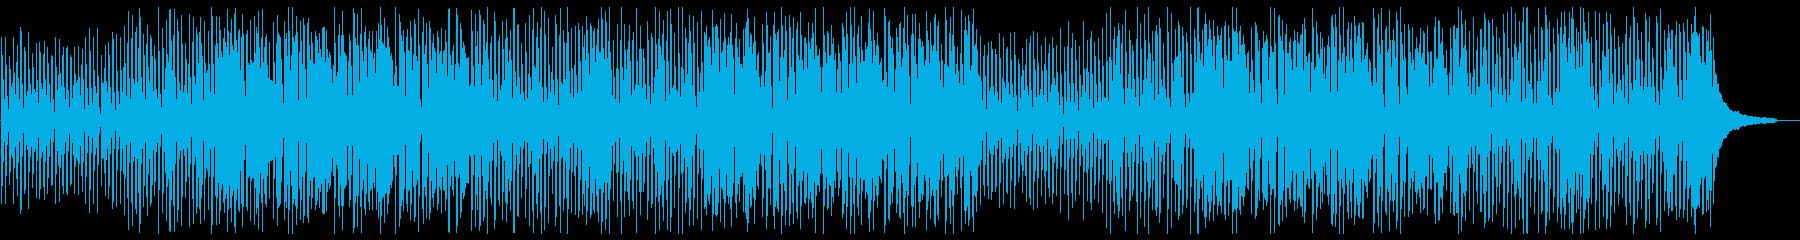 【リズム抜き】ノリが良く可愛い口笛アコーの再生済みの波形